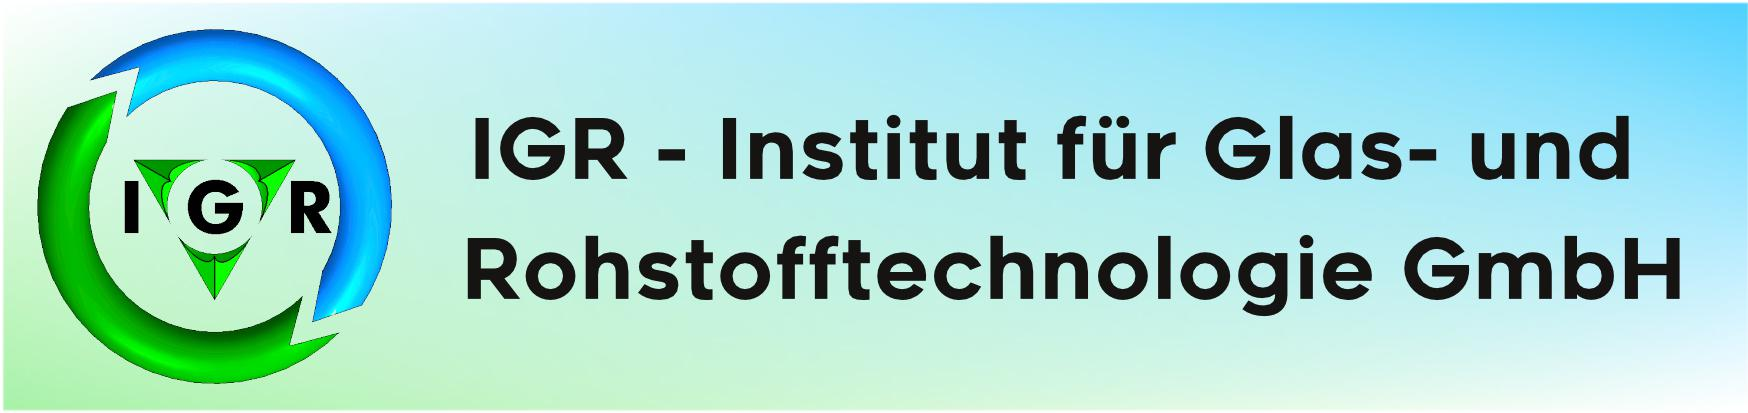 IGR Institut für Glas- und Rohstofftechnologie GmbH